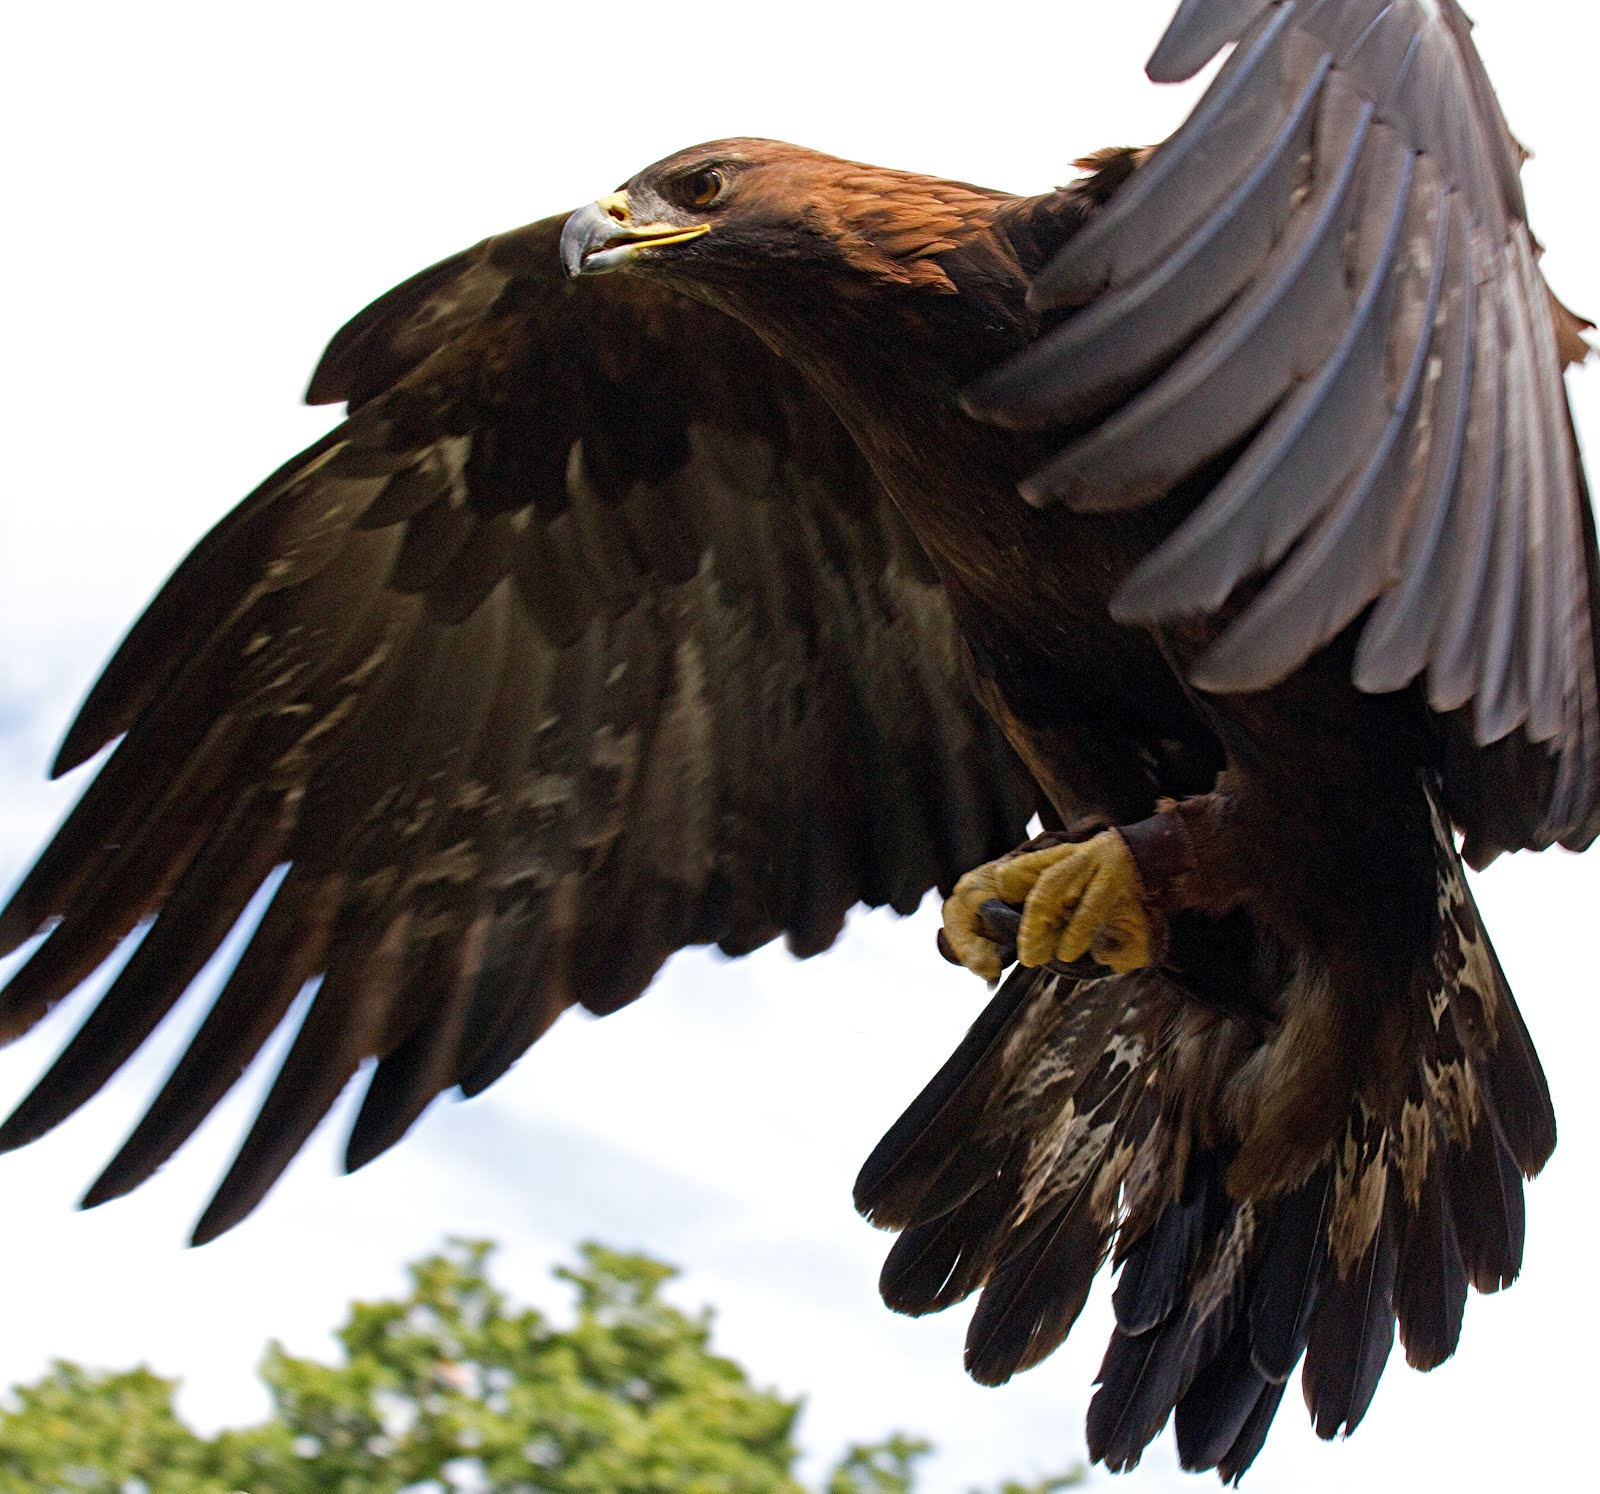 golden eagle Golden eagle habitat, behavior, diet, migration patterns, conservation status, and nesting.